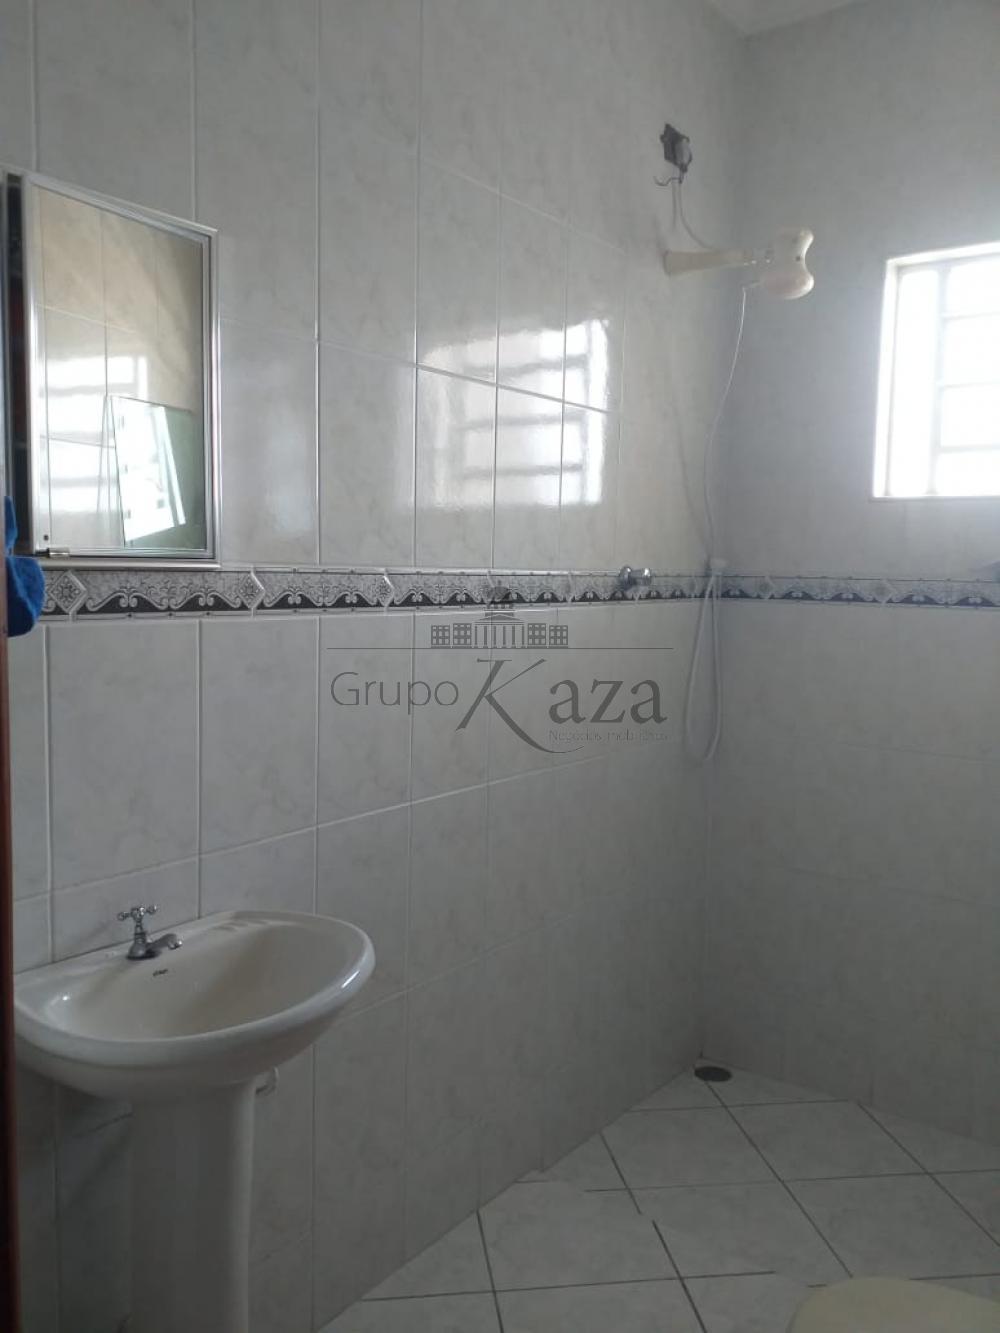 alt='Comprar Casa / Sobrado em São José dos Campos R$ 400.000,00 - Foto 11' title='Comprar Casa / Sobrado em São José dos Campos R$ 400.000,00 - Foto 11'